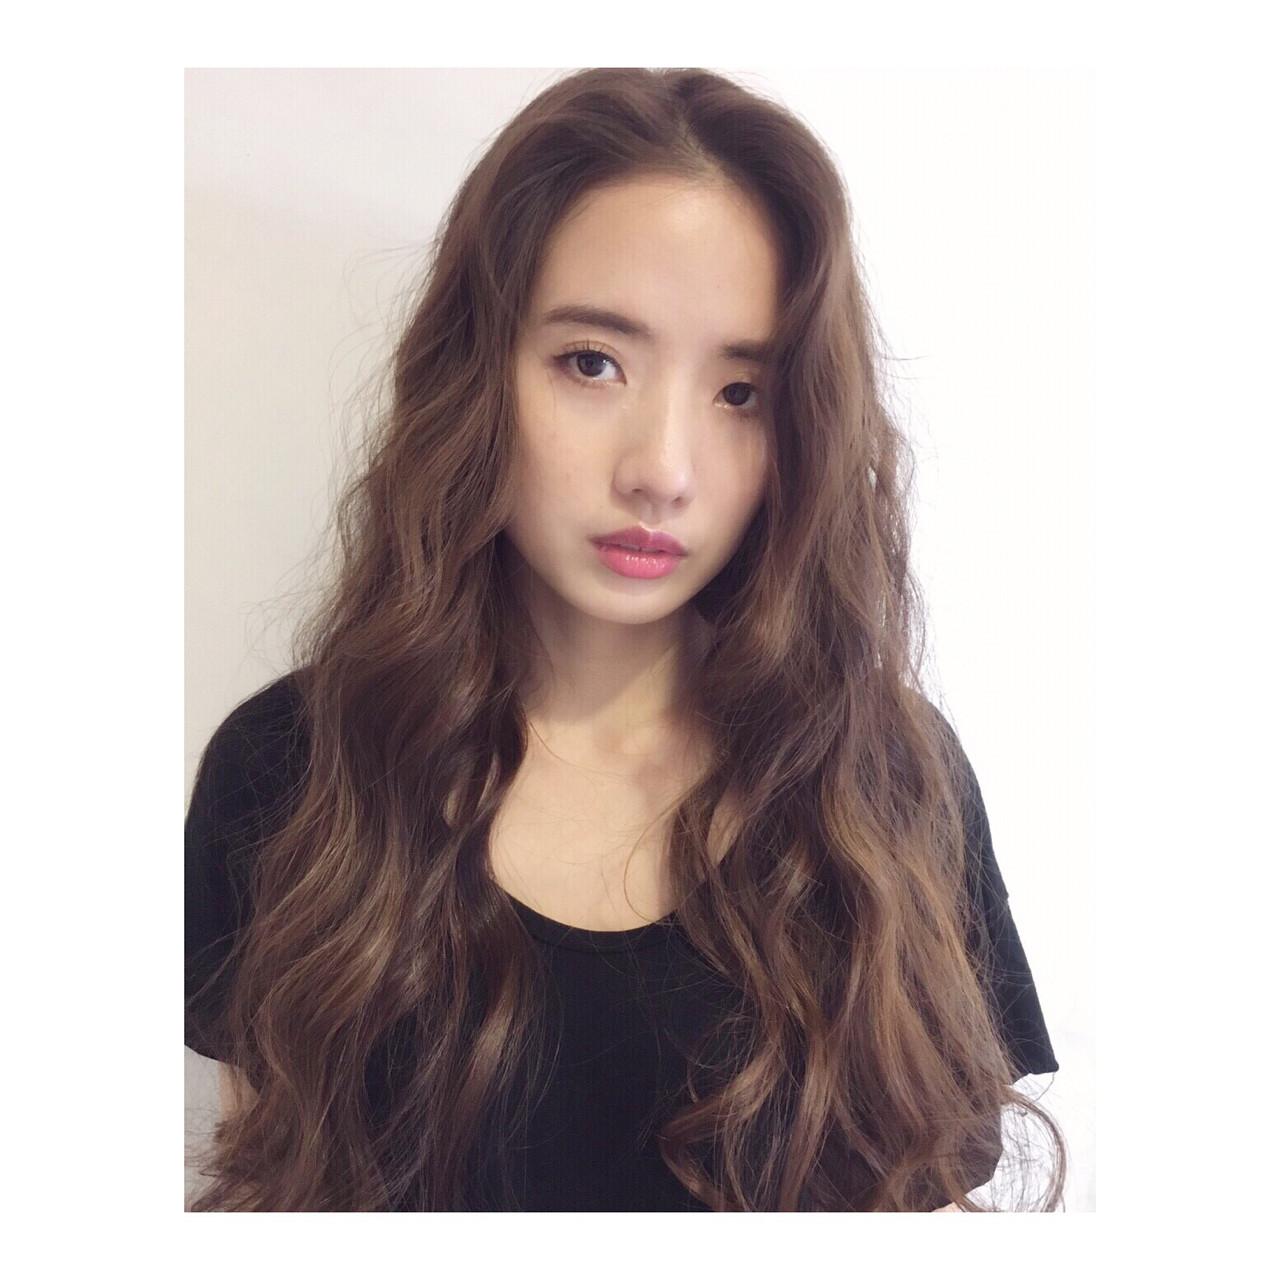 抜け感 パーマ 大人女子 ラフ ヘアスタイルや髪型の写真・画像 | 西嶋えり子 / HAIR'S Lunetta